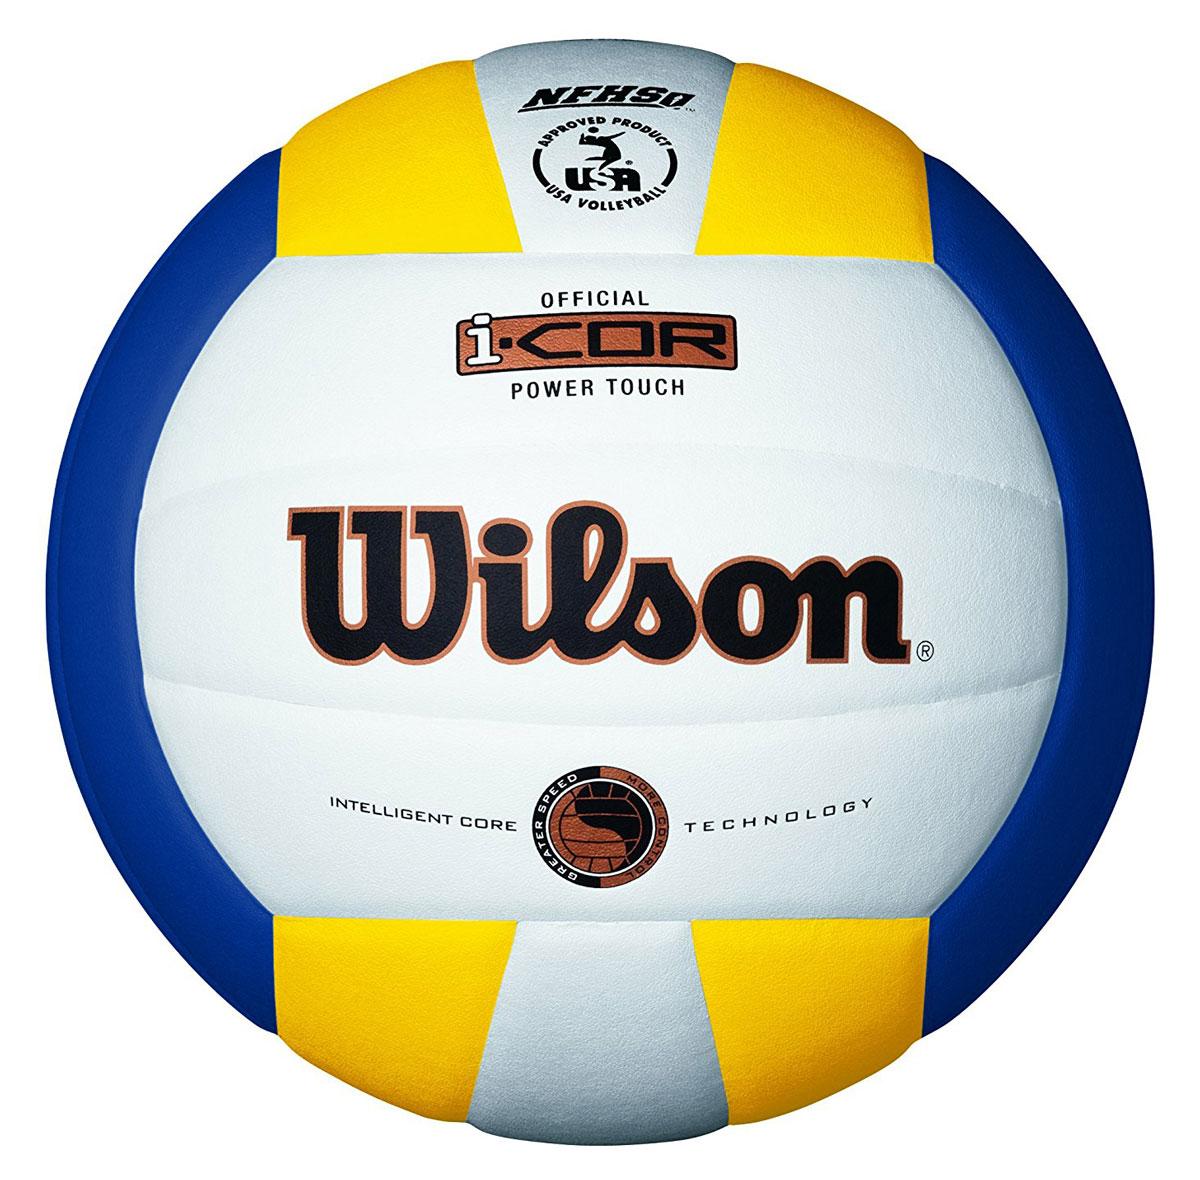 Мяч волейбольный Wilson I-Core Power Touch, цвет: белый, синий, желтый, диаметр 20 см10535Волейбольный мяч Wilson I-Core Power Touch вобрал в себя все лучшие технологии для комфортных тренировок и игр команд любого уровня. Поверхность мяча выполнена из высокотехнологичного композитного материала на основе микрофибры, с применением технологии Soft Touch, имитирующей по ощущениям натуральную кожу и обеспечивающей правильный отскок. Мяч оснащен бутиловой камерой.Диаметр мяча: 20 см.УВАЖЕМЫЕ КЛИЕНТЫ!Обращаем ваше внимание на тот факт, что насос в комплект не входит.